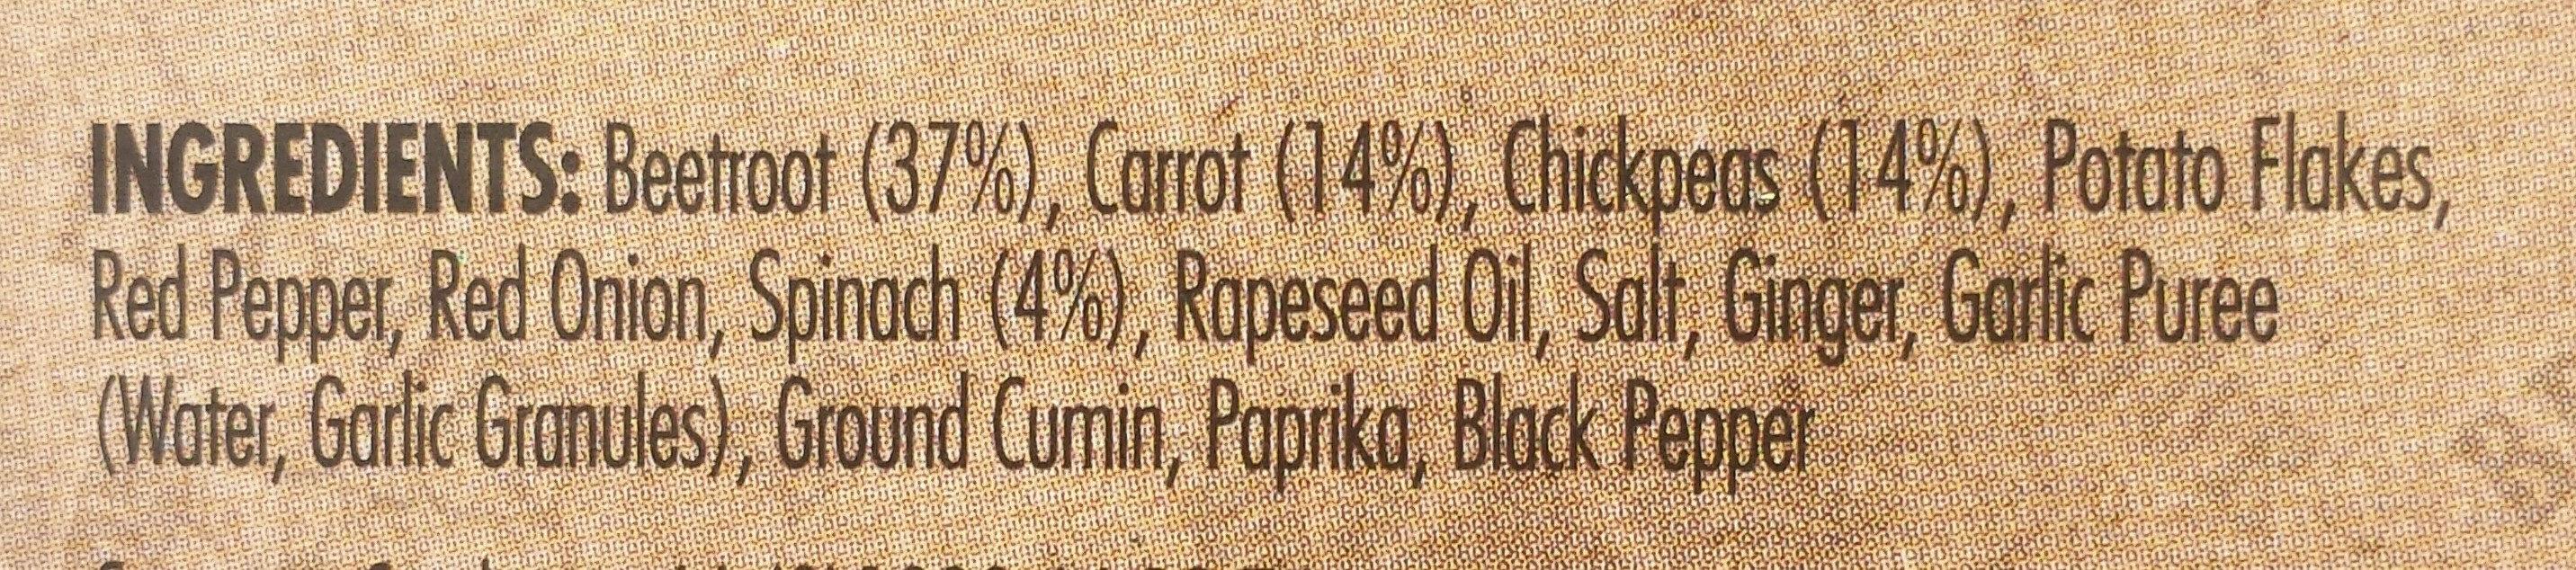 Beetroot Burger - Ingrédients - en